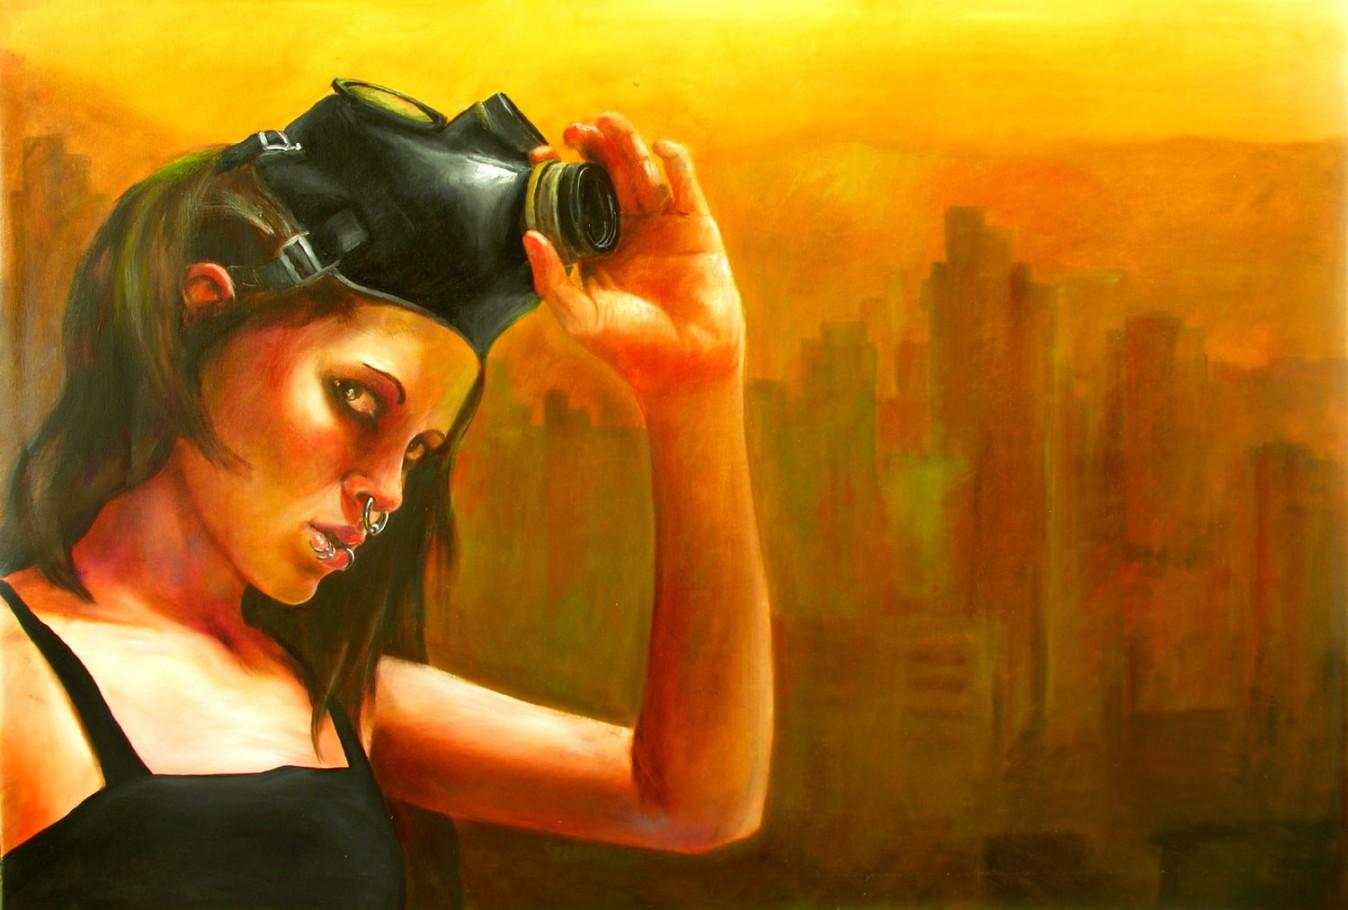 Smog 140x90 cm oil on canvas 2006